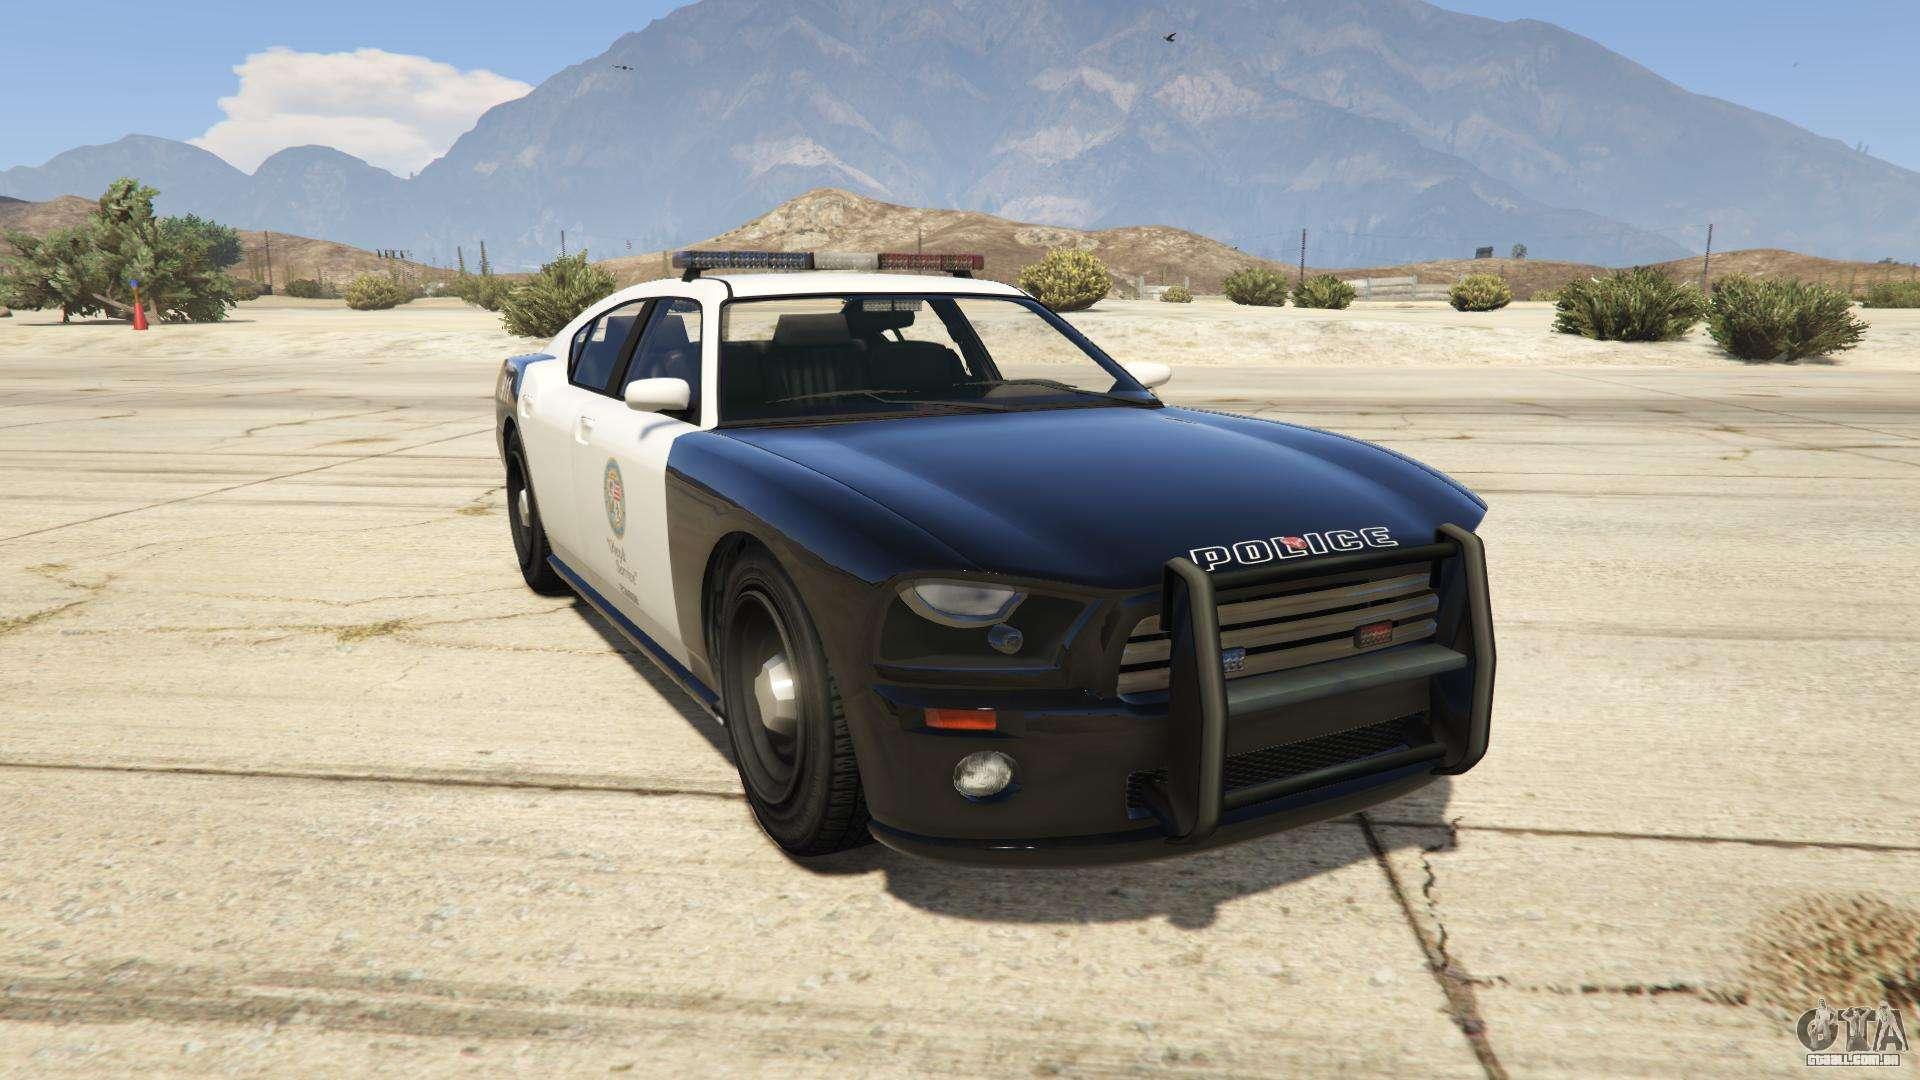 gta 5 how to get a cop car online